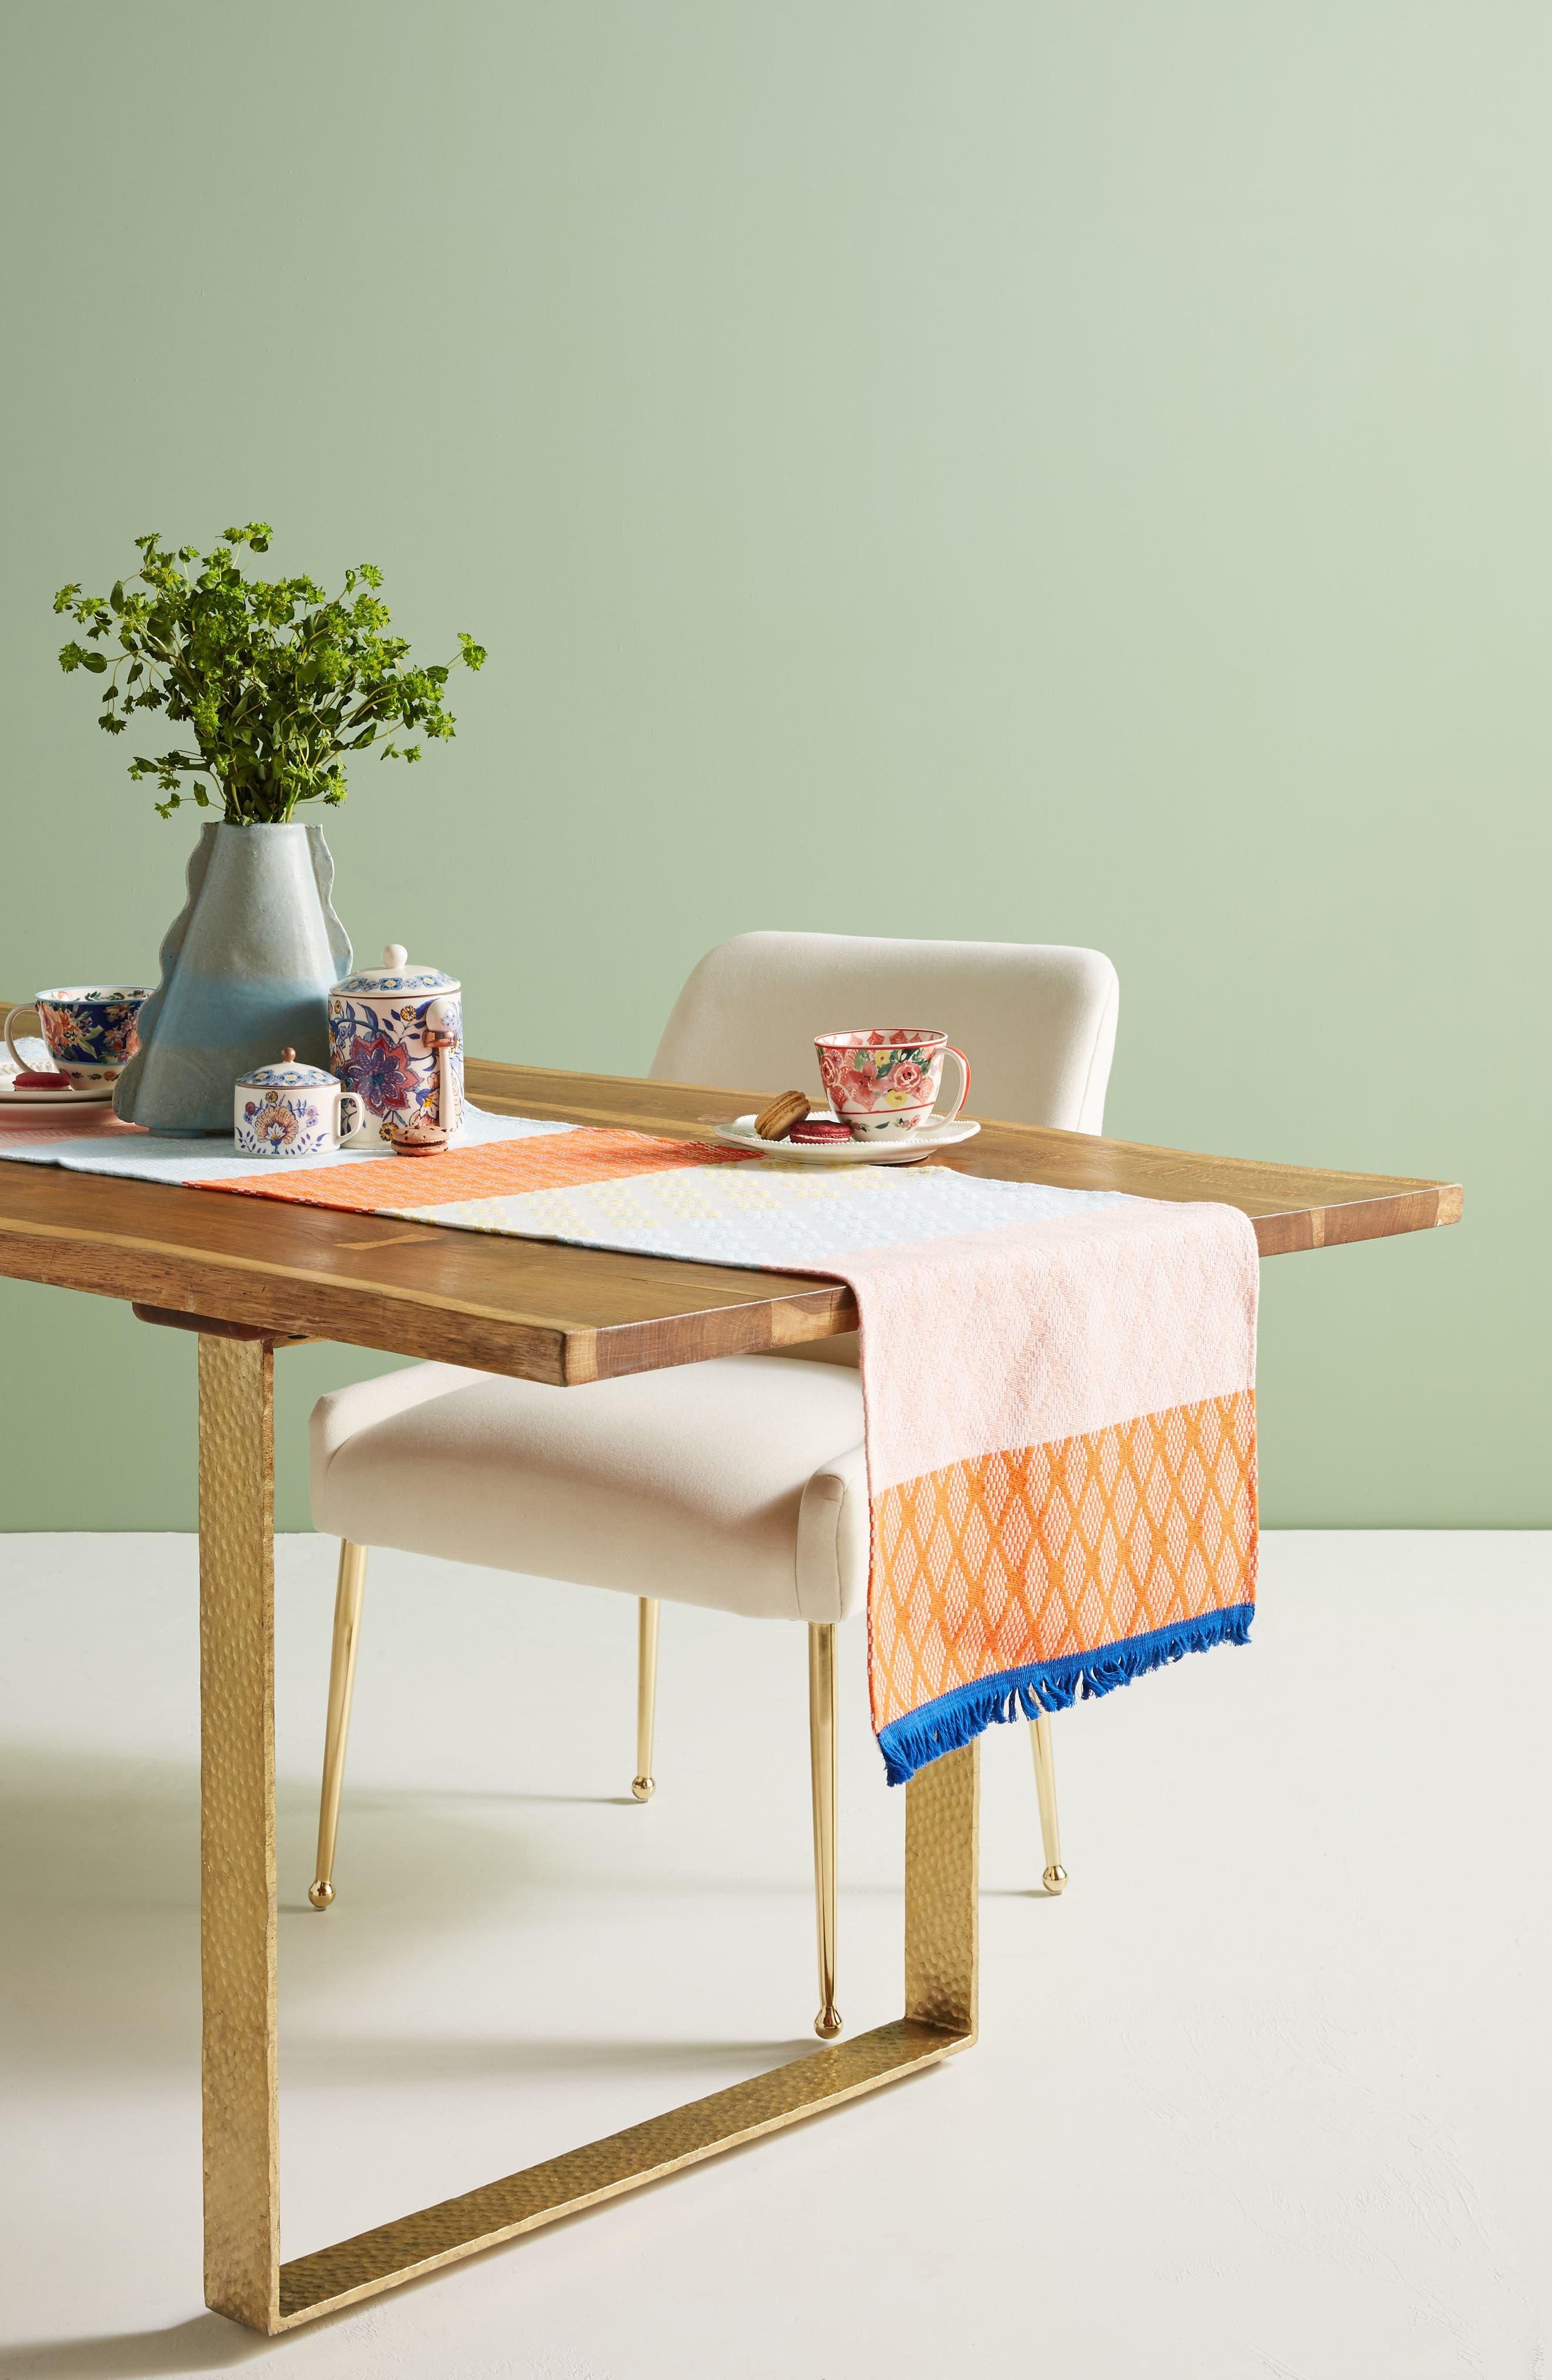 Hermine Van Dijck Jacquard Table Runner,                         Main,                         color, Natural Multi